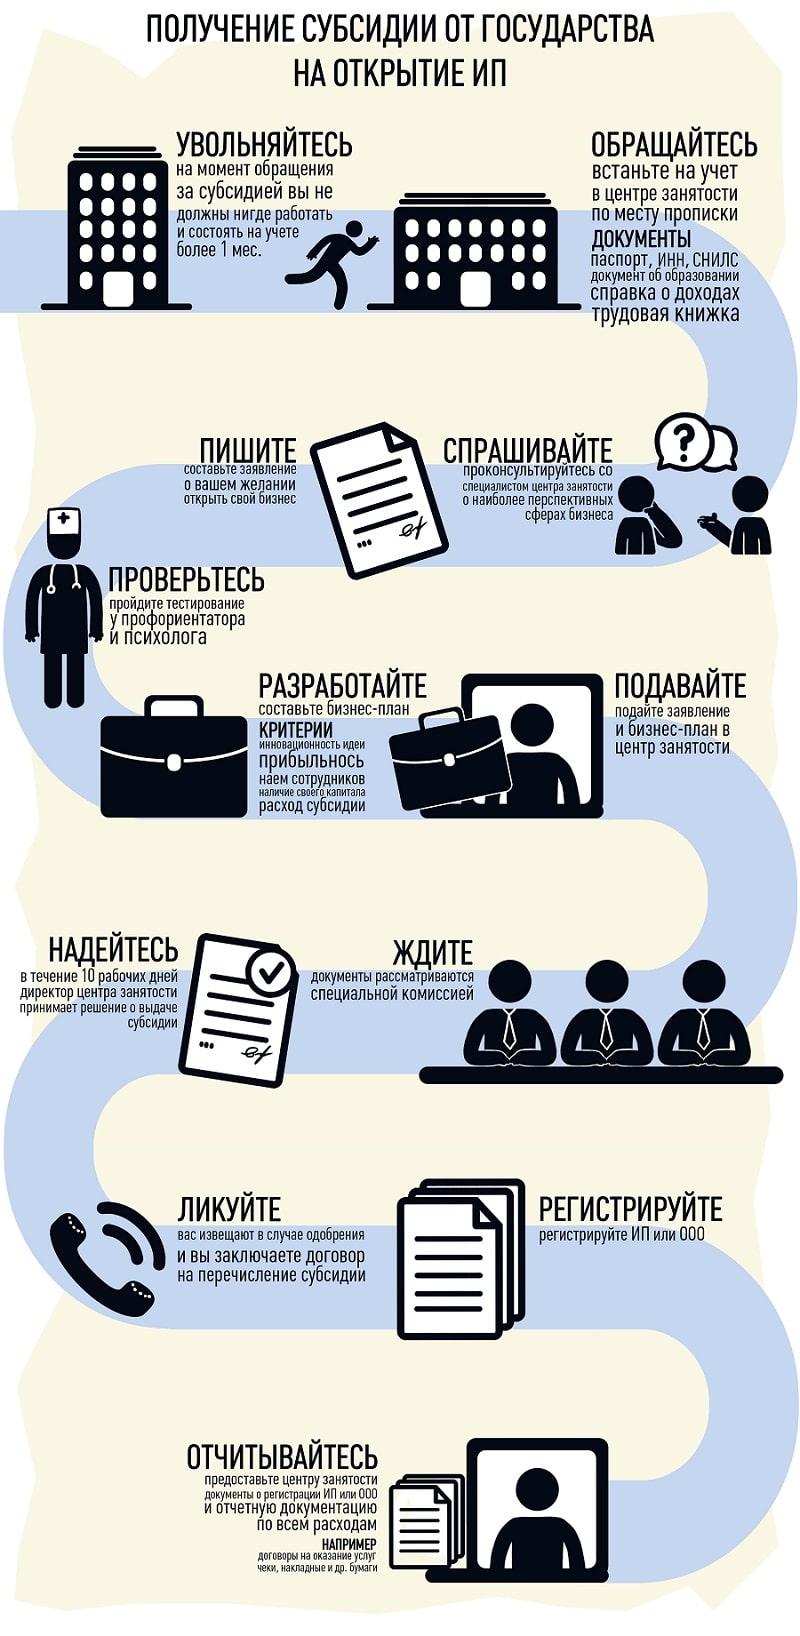 Субсидия малому бизнесу в москве как получить этому экрану